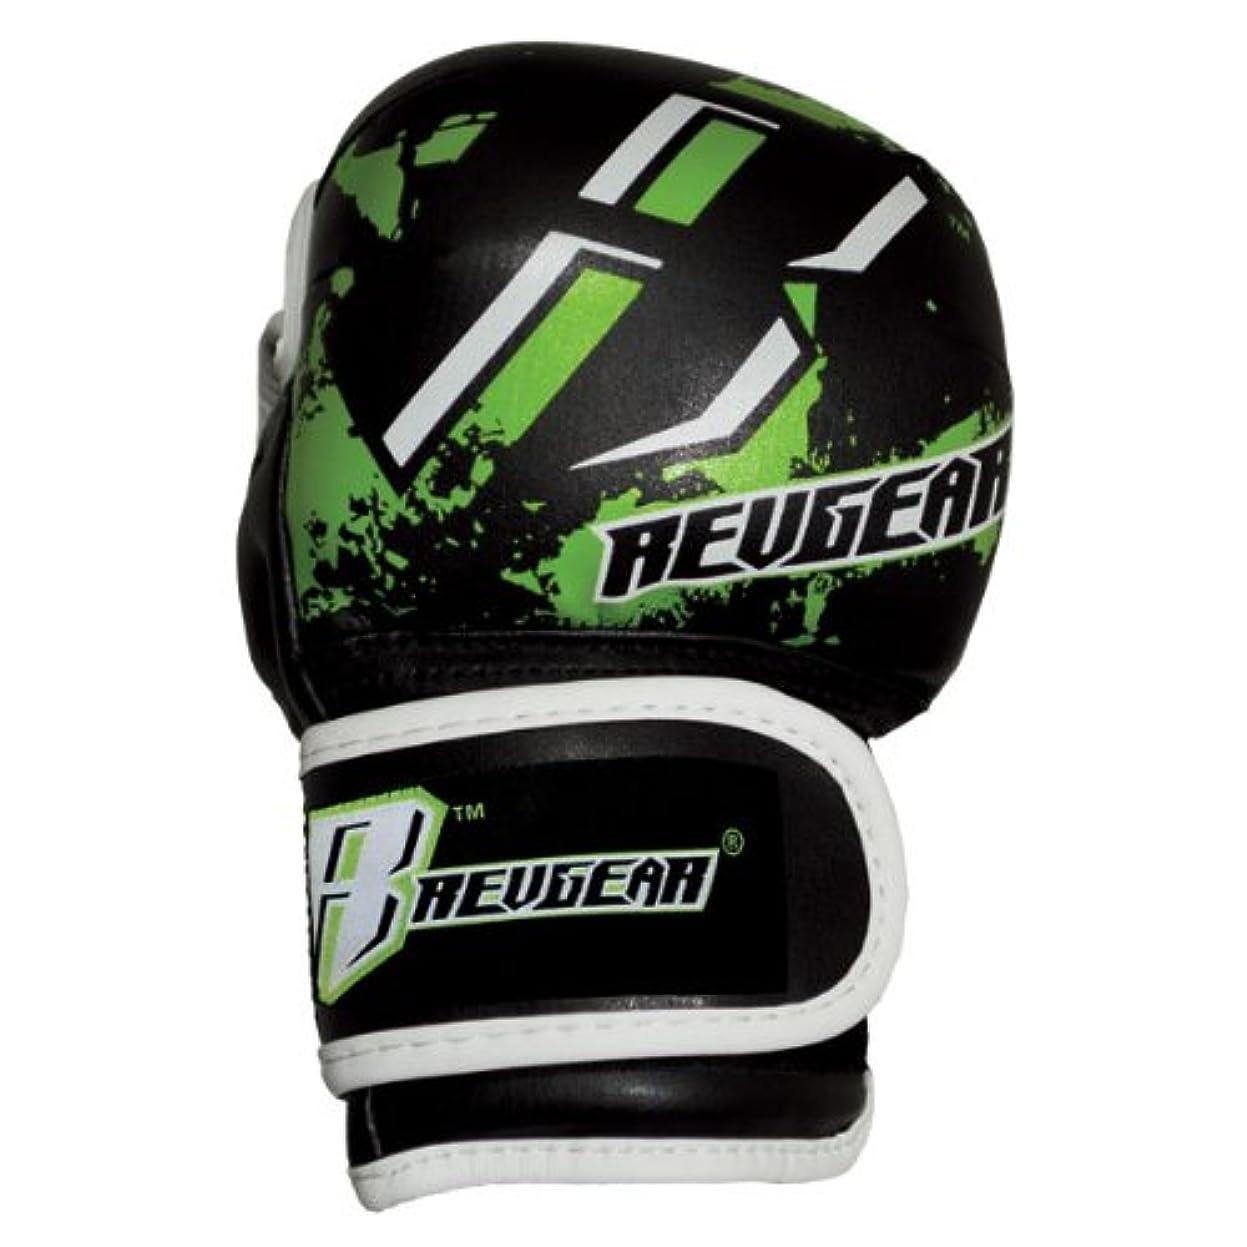 年金受給者ディスクボトルREVGEAR[レヴギアー] キッズ用 MMAファイトグローブ (グリーン)/ Youth Deluxe MMA Glove